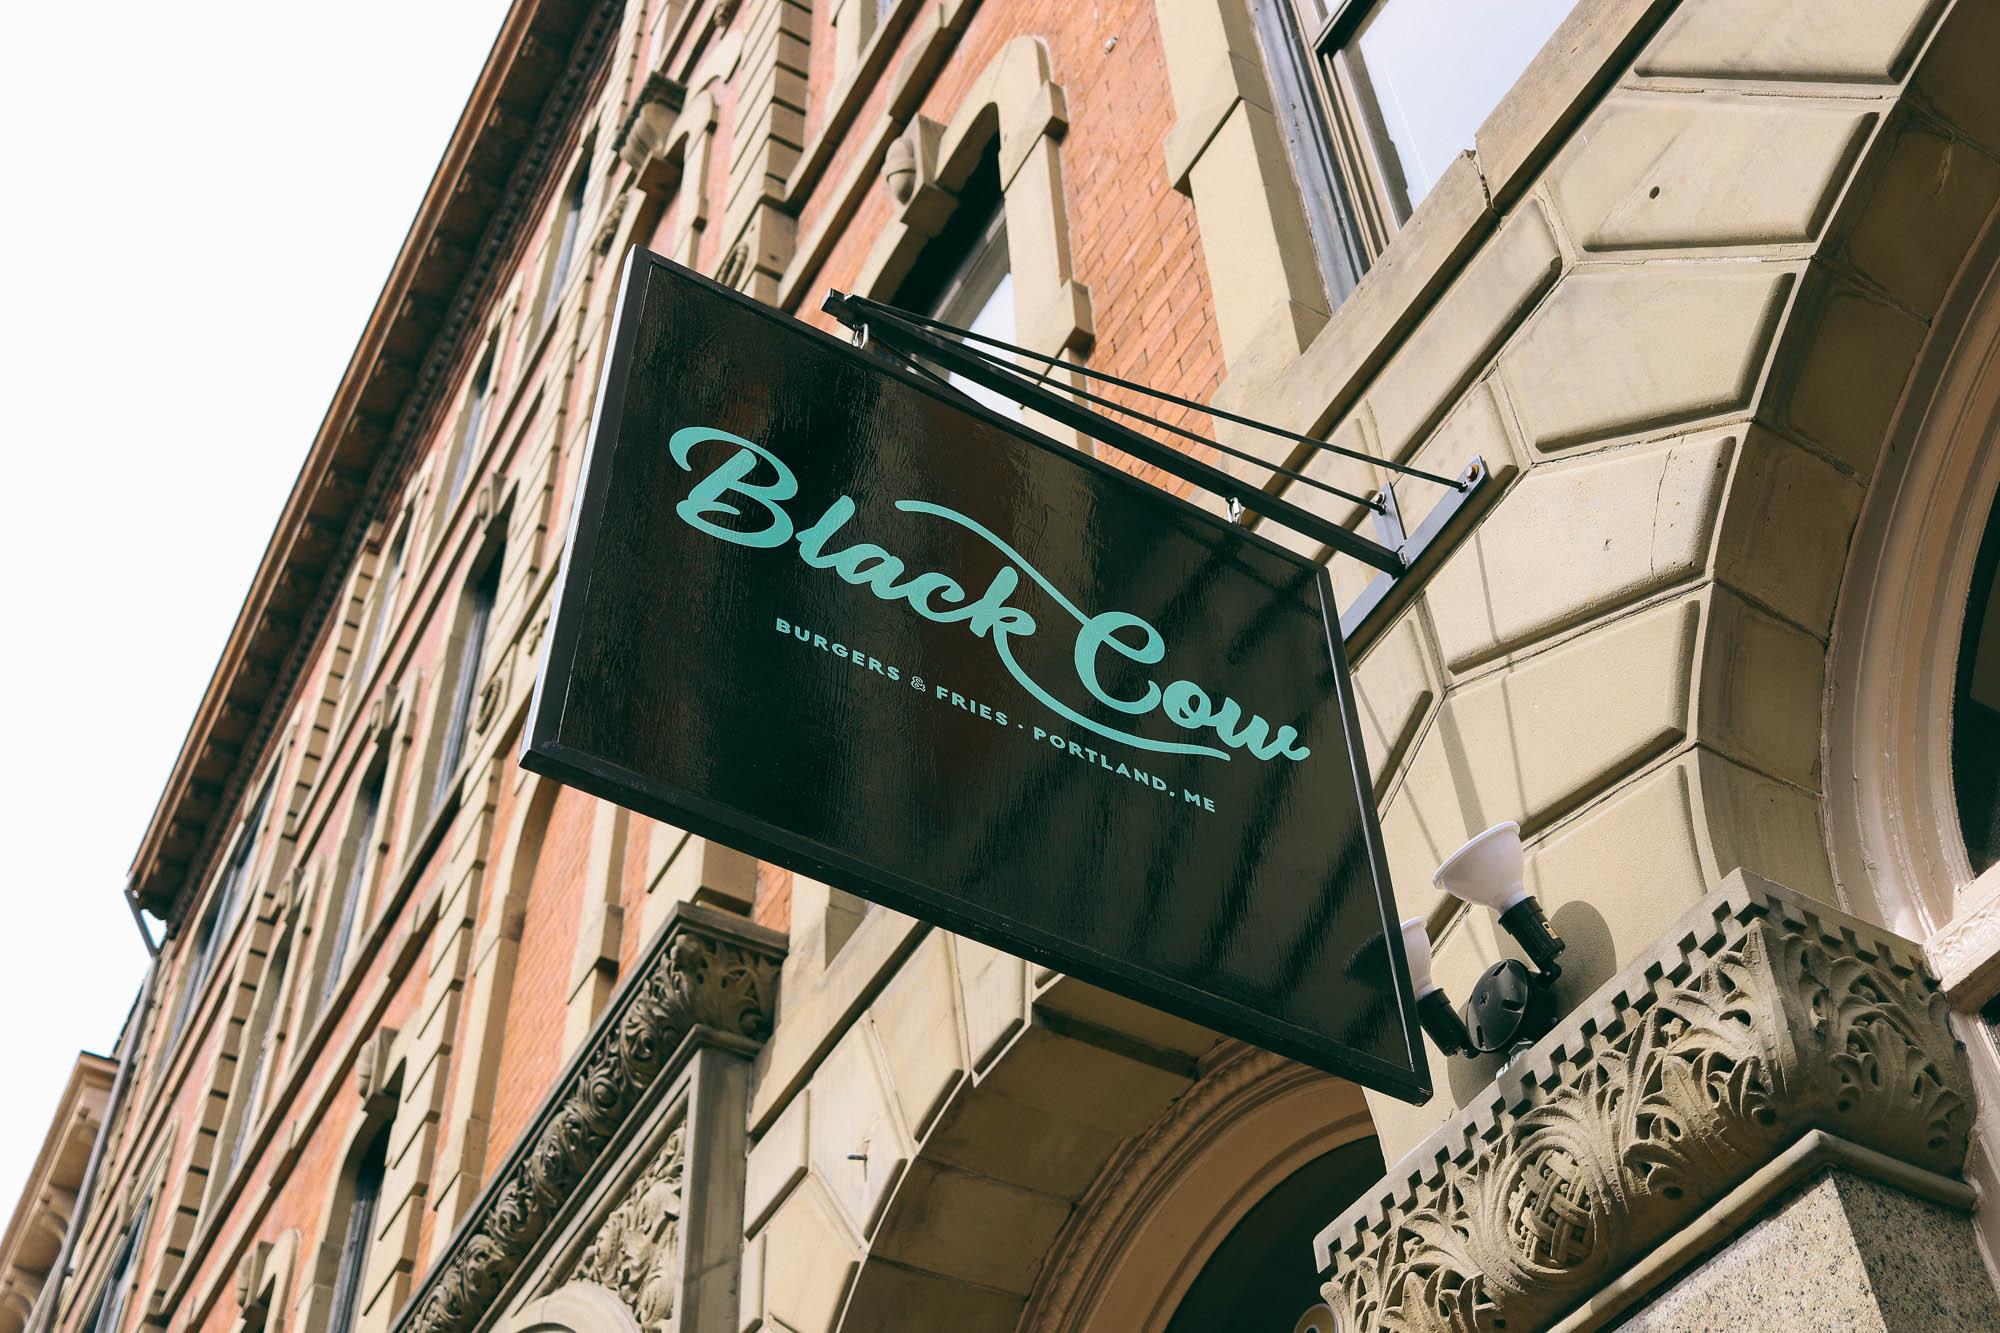 BLACK_COW (13 of 15).JPG